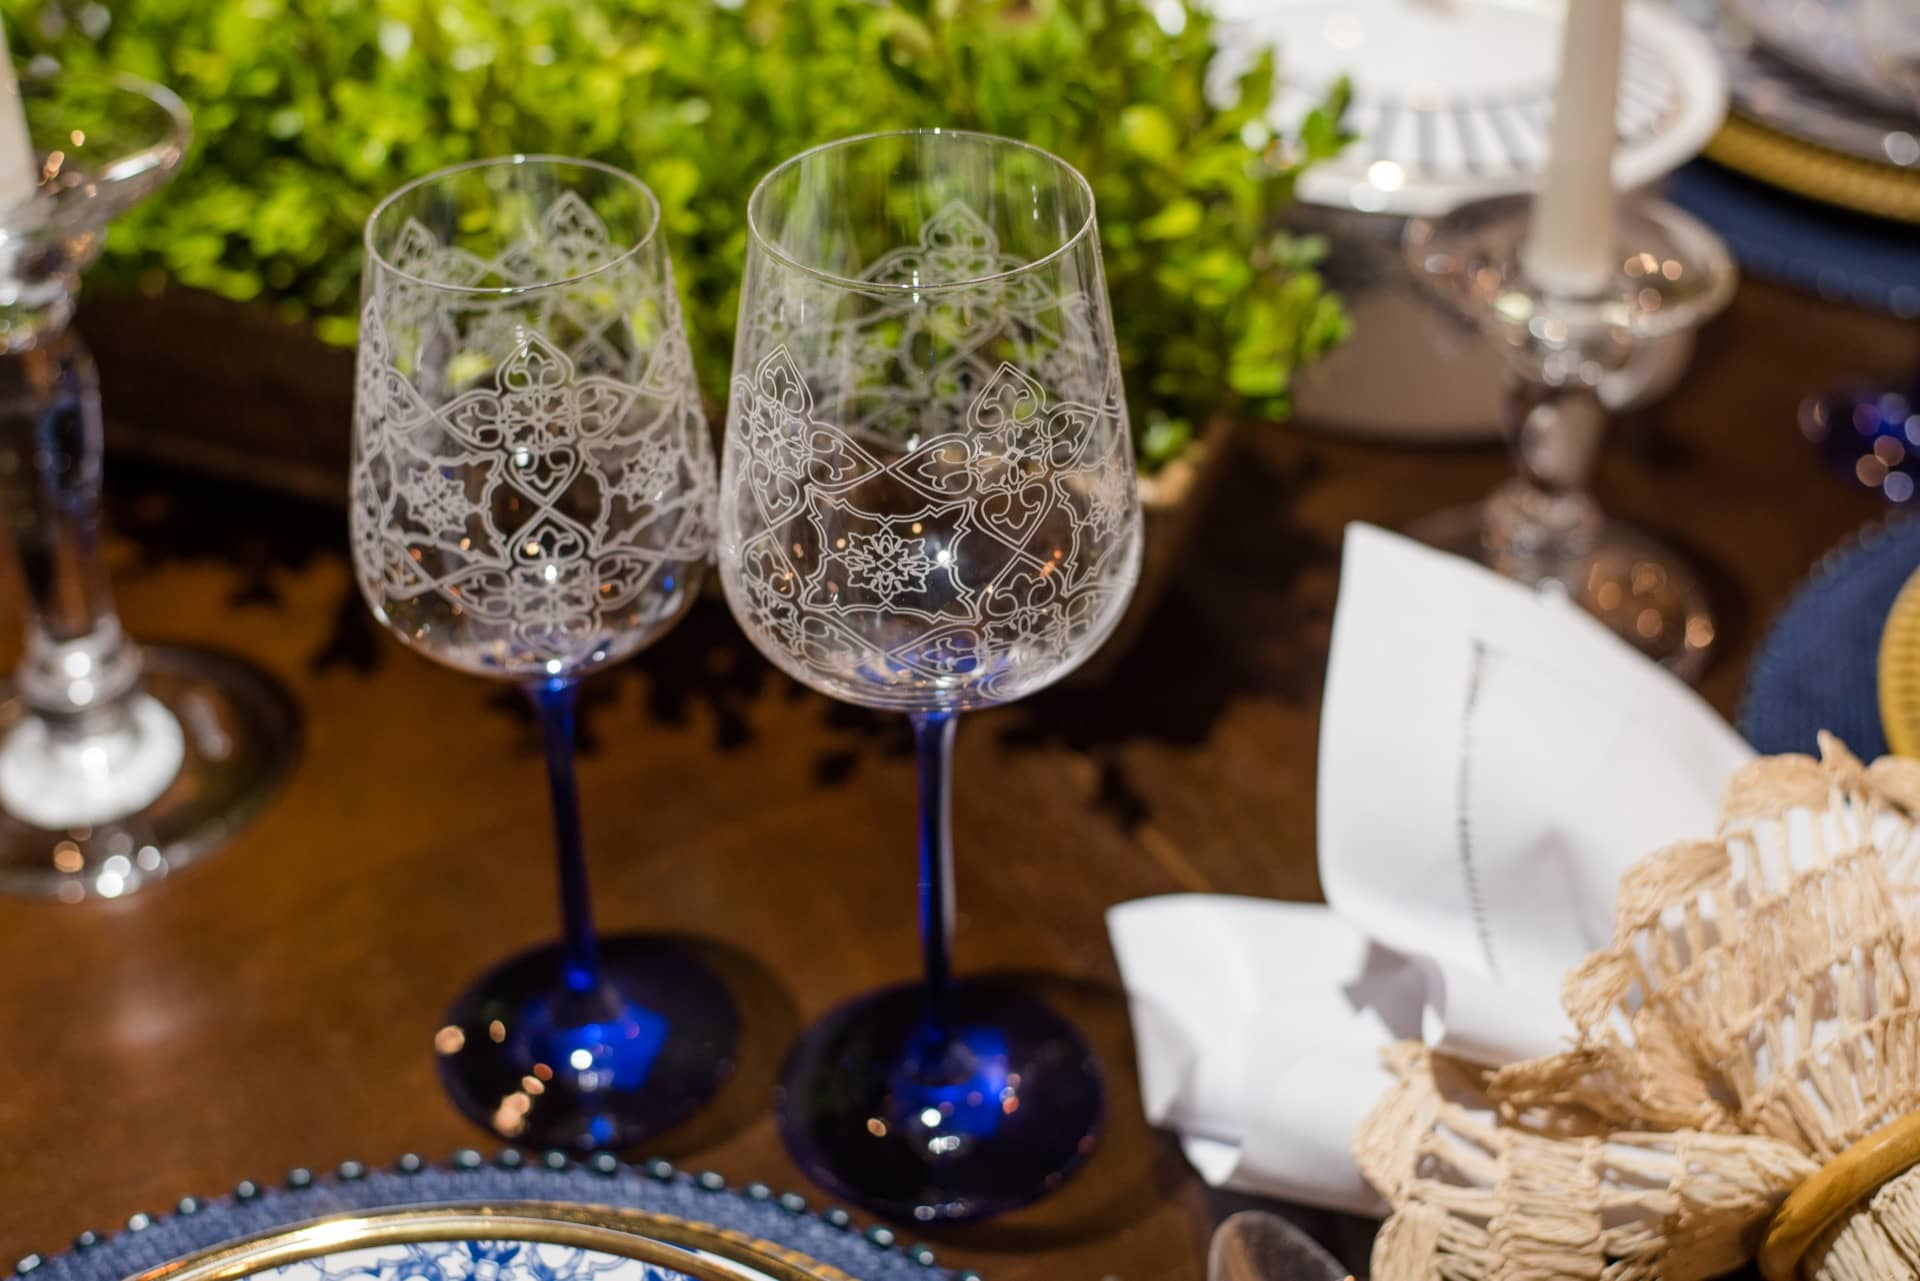 Imagem: A estampa da louça portuguesa aparece também nas taças decoradas Coup Lusitana, da Oxford. Puro requinte! Foto: Karla Rudnick